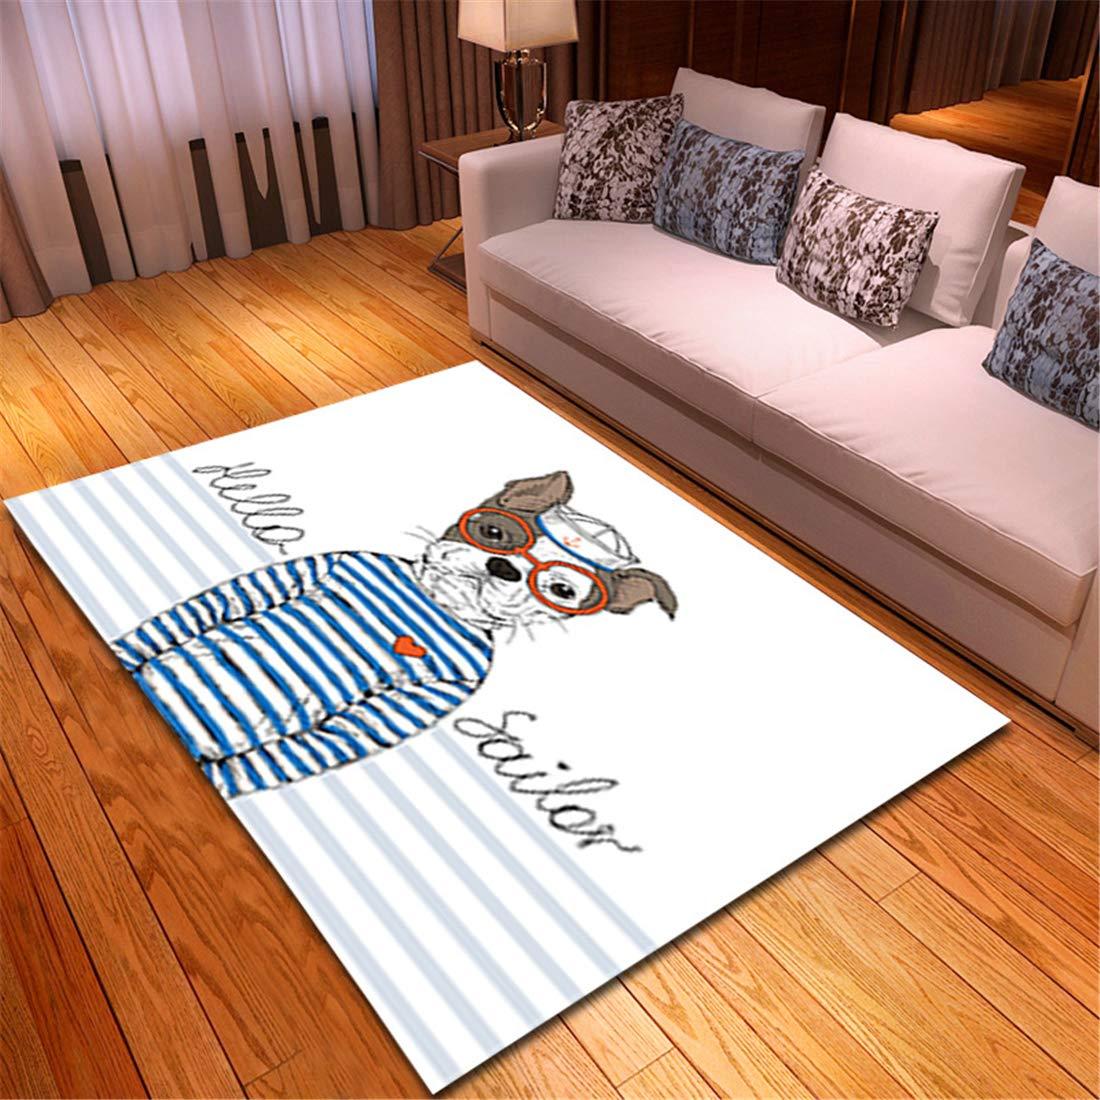 インテリア ラグ カーテン 色 畳 椅子 マットテーブルじゅうたん147X203CM漫画動物手描きのかわいいカーペット寝室ダイニングルームマットリビングルーム材料機械織りリビングルーム B07RHWVHDD l19010516 147X203CM